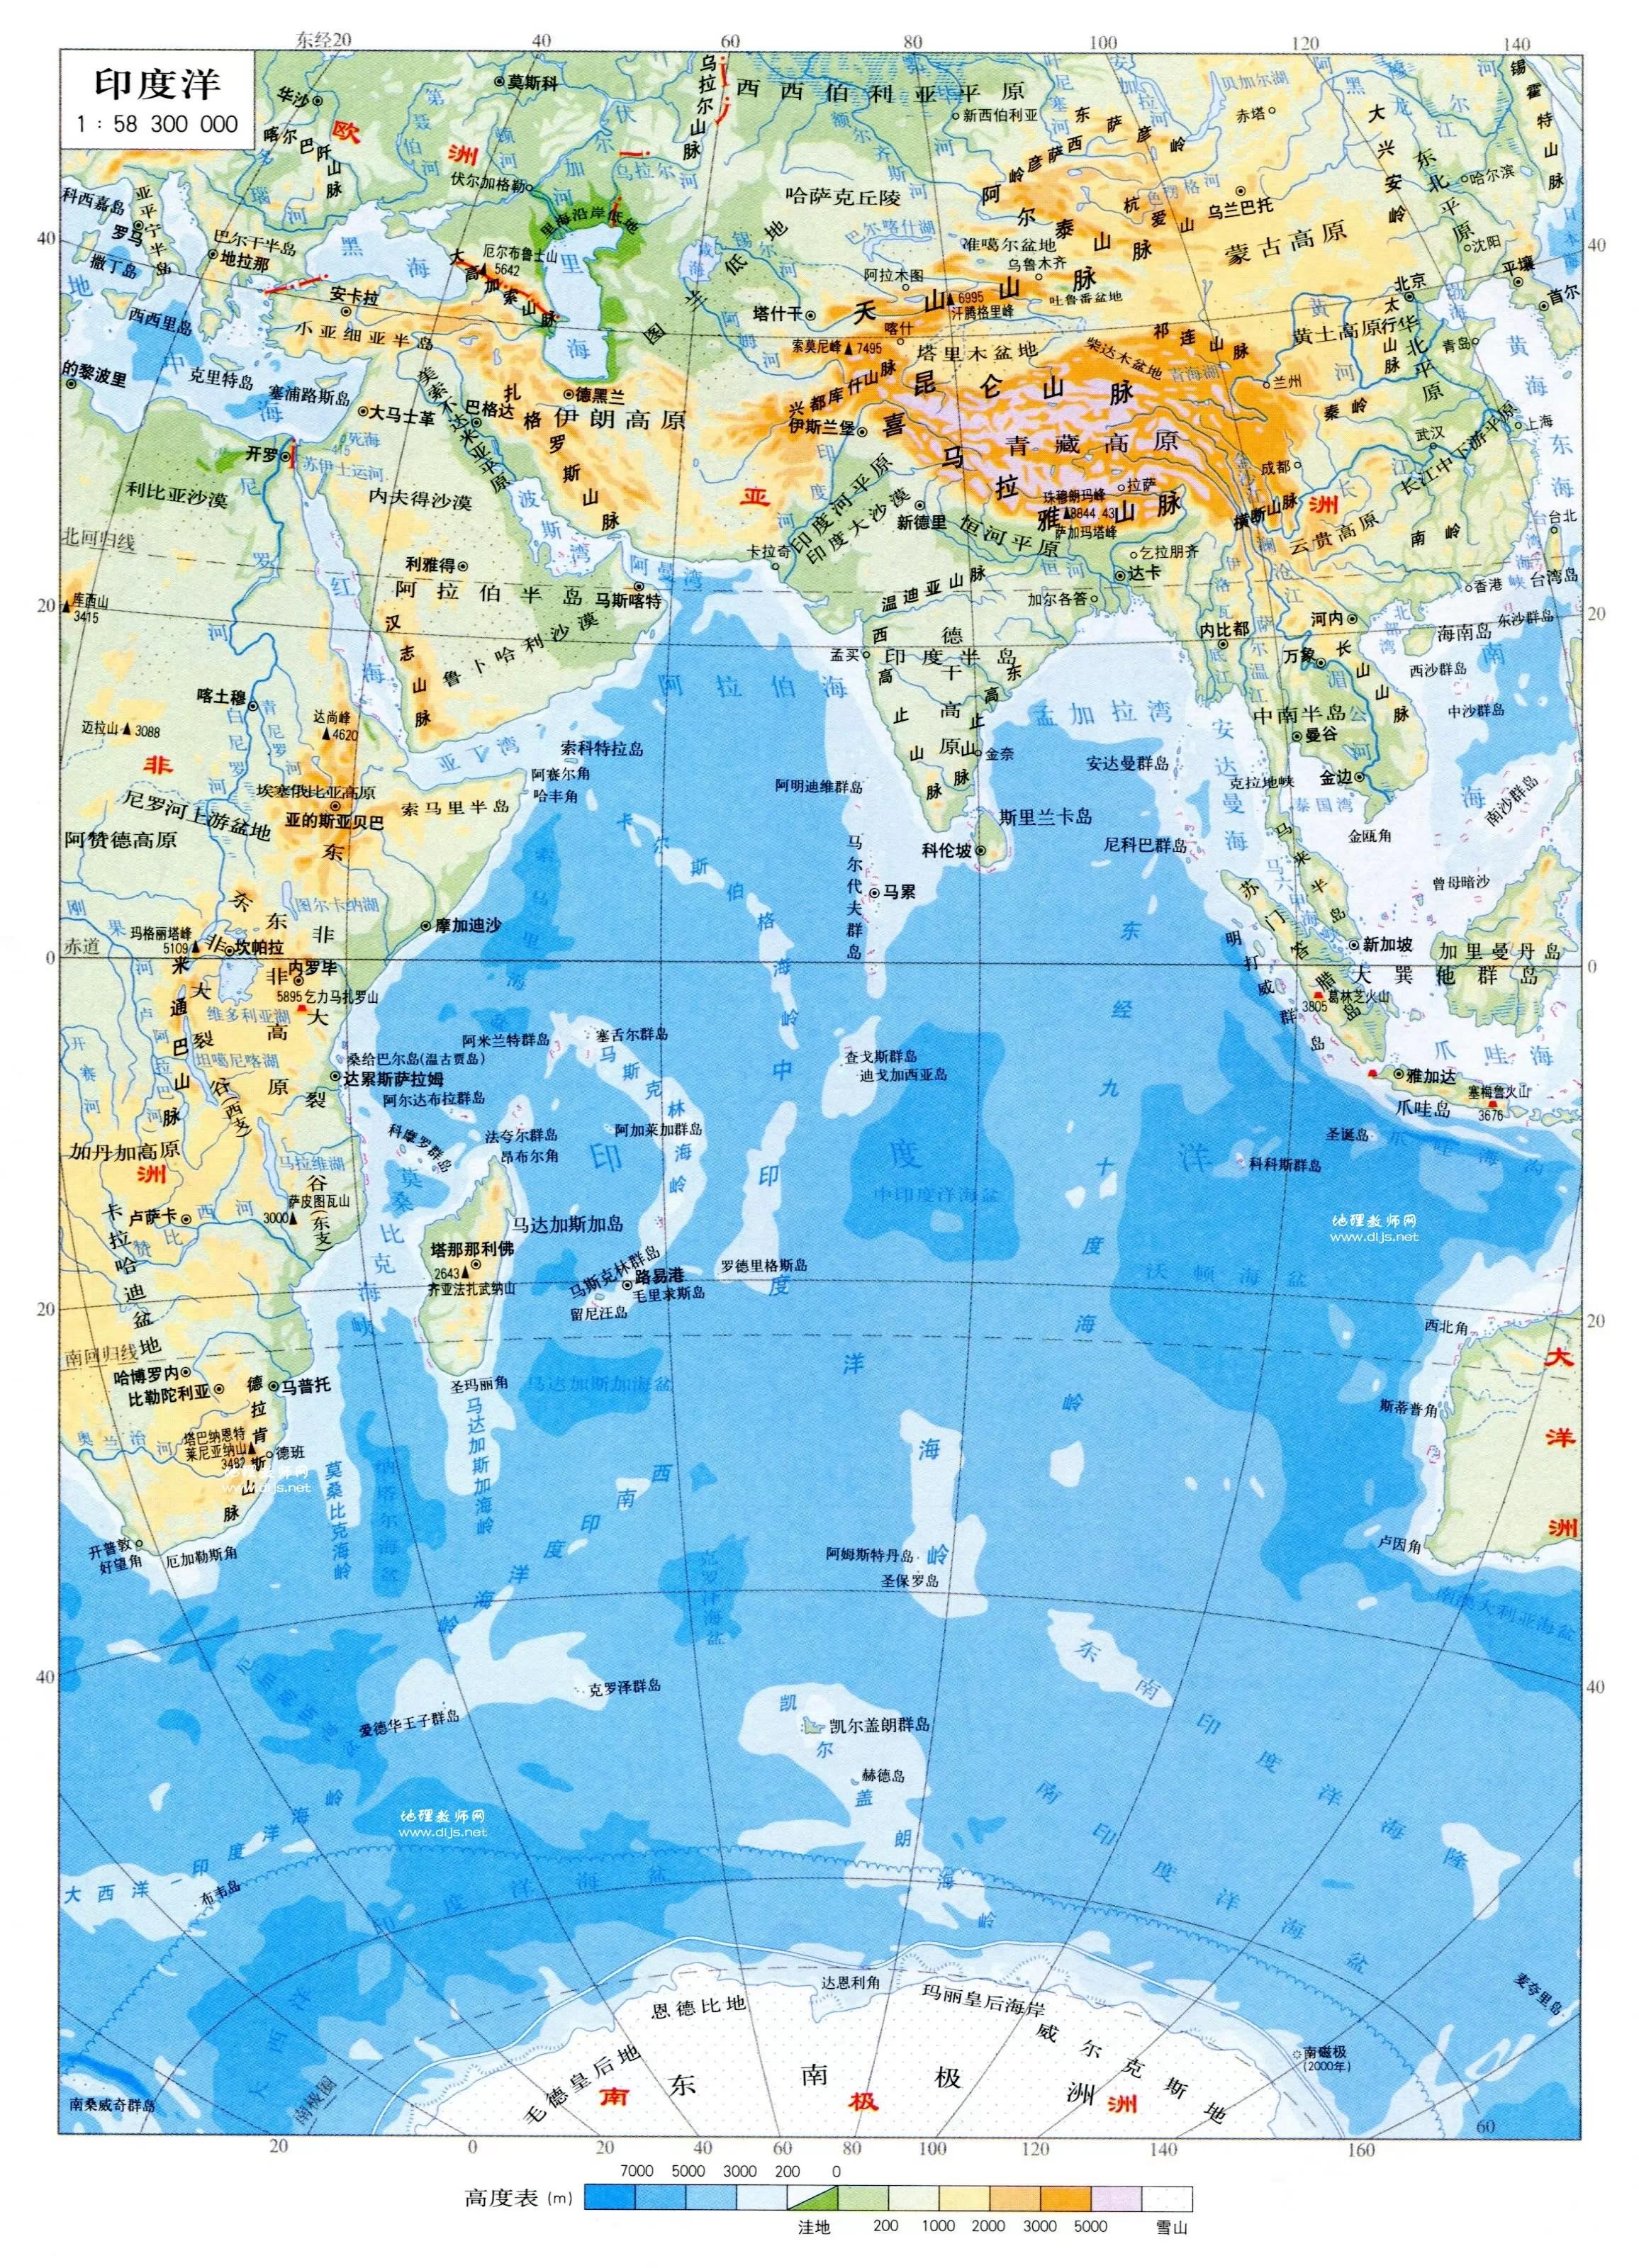 印度洋地圖中文版高清 - 印度洋地圖 - 地理教師網